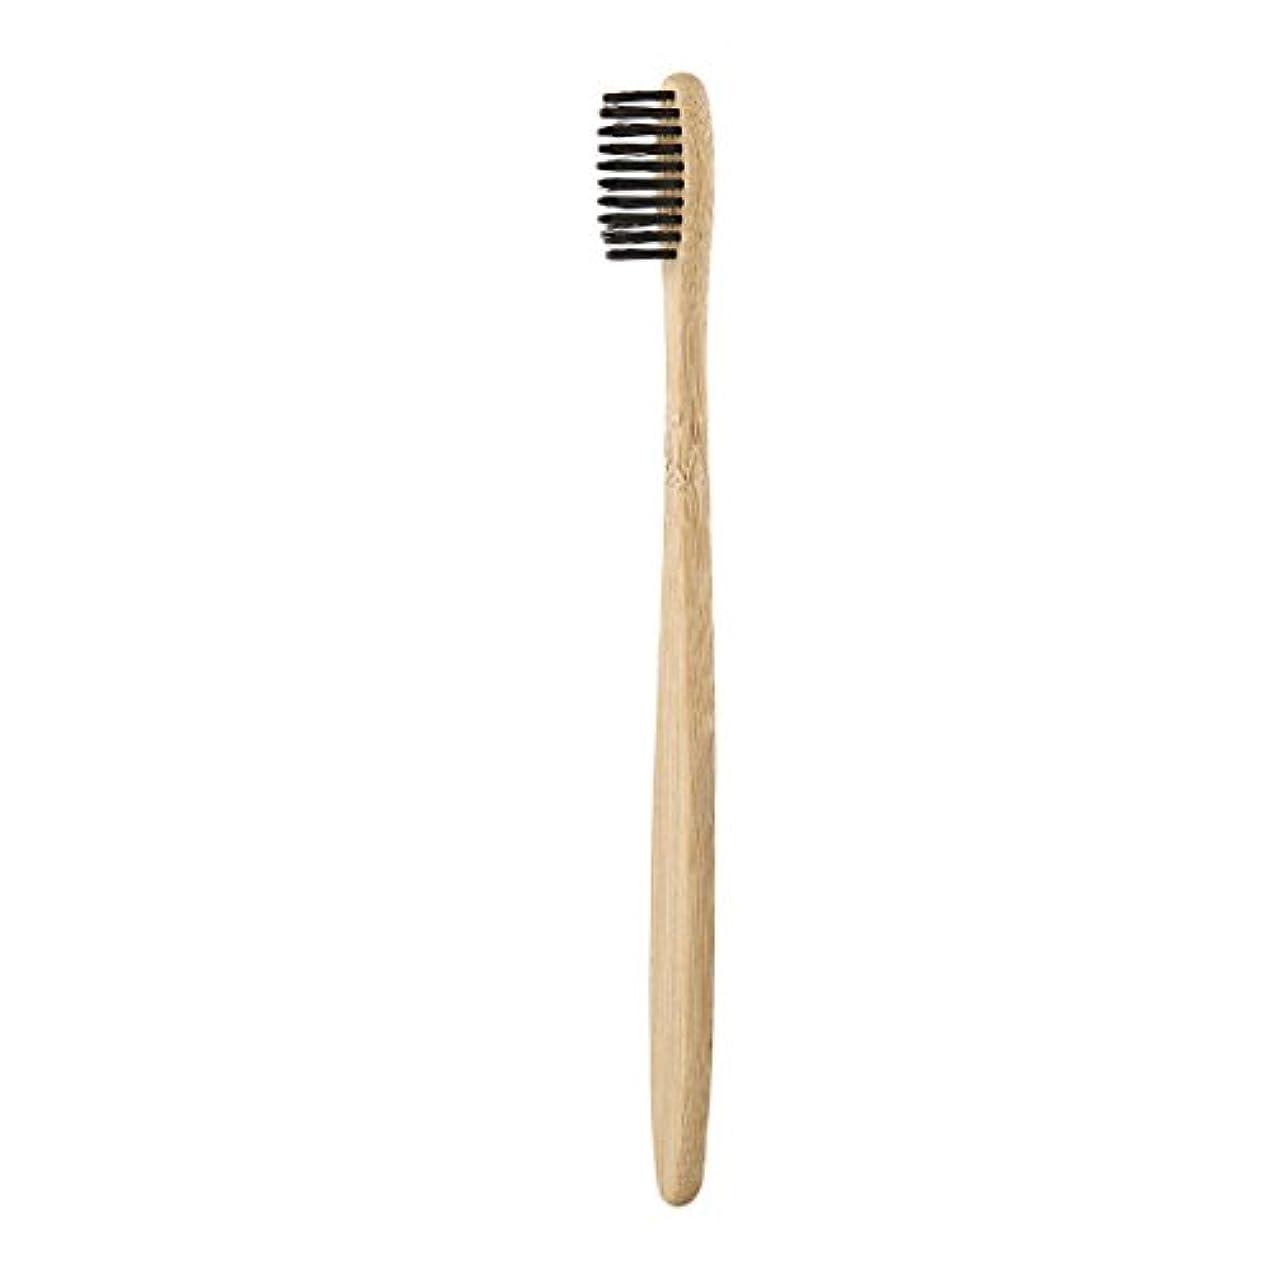 振りかける結婚した自信があるハンドメイドの快適で環境に優しい環境の歯ブラシのタケハンドルの歯ブラシ木炭剛毛健康口頭心配(木製色)